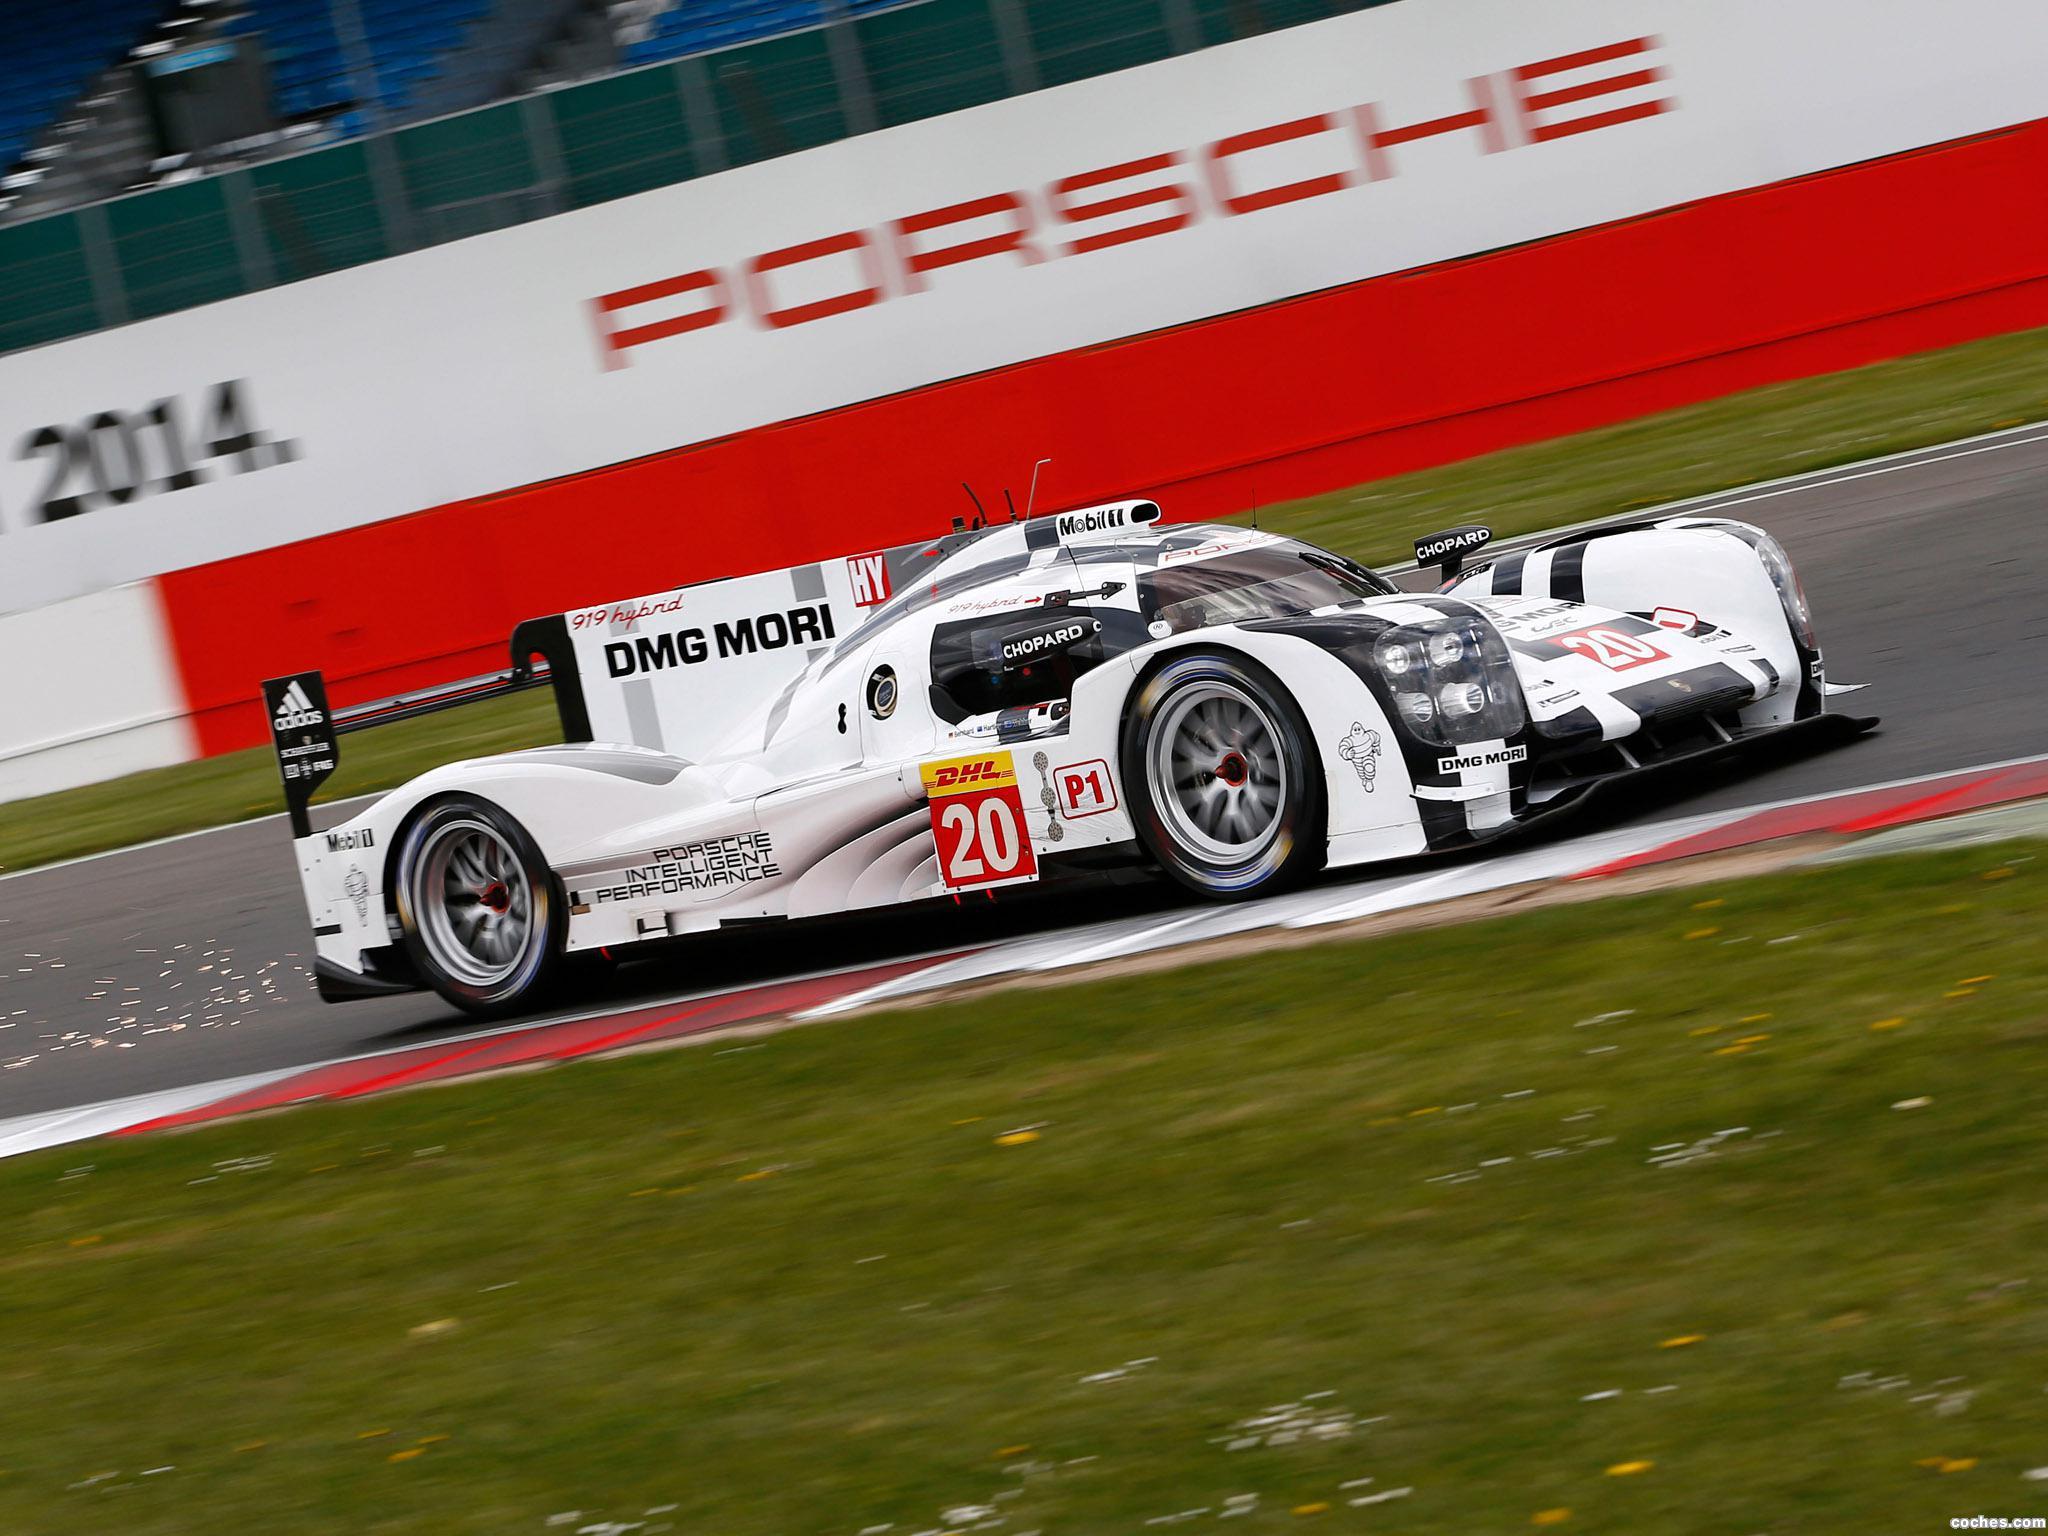 Foto 15 de Porsche 919 Hybrid 2014